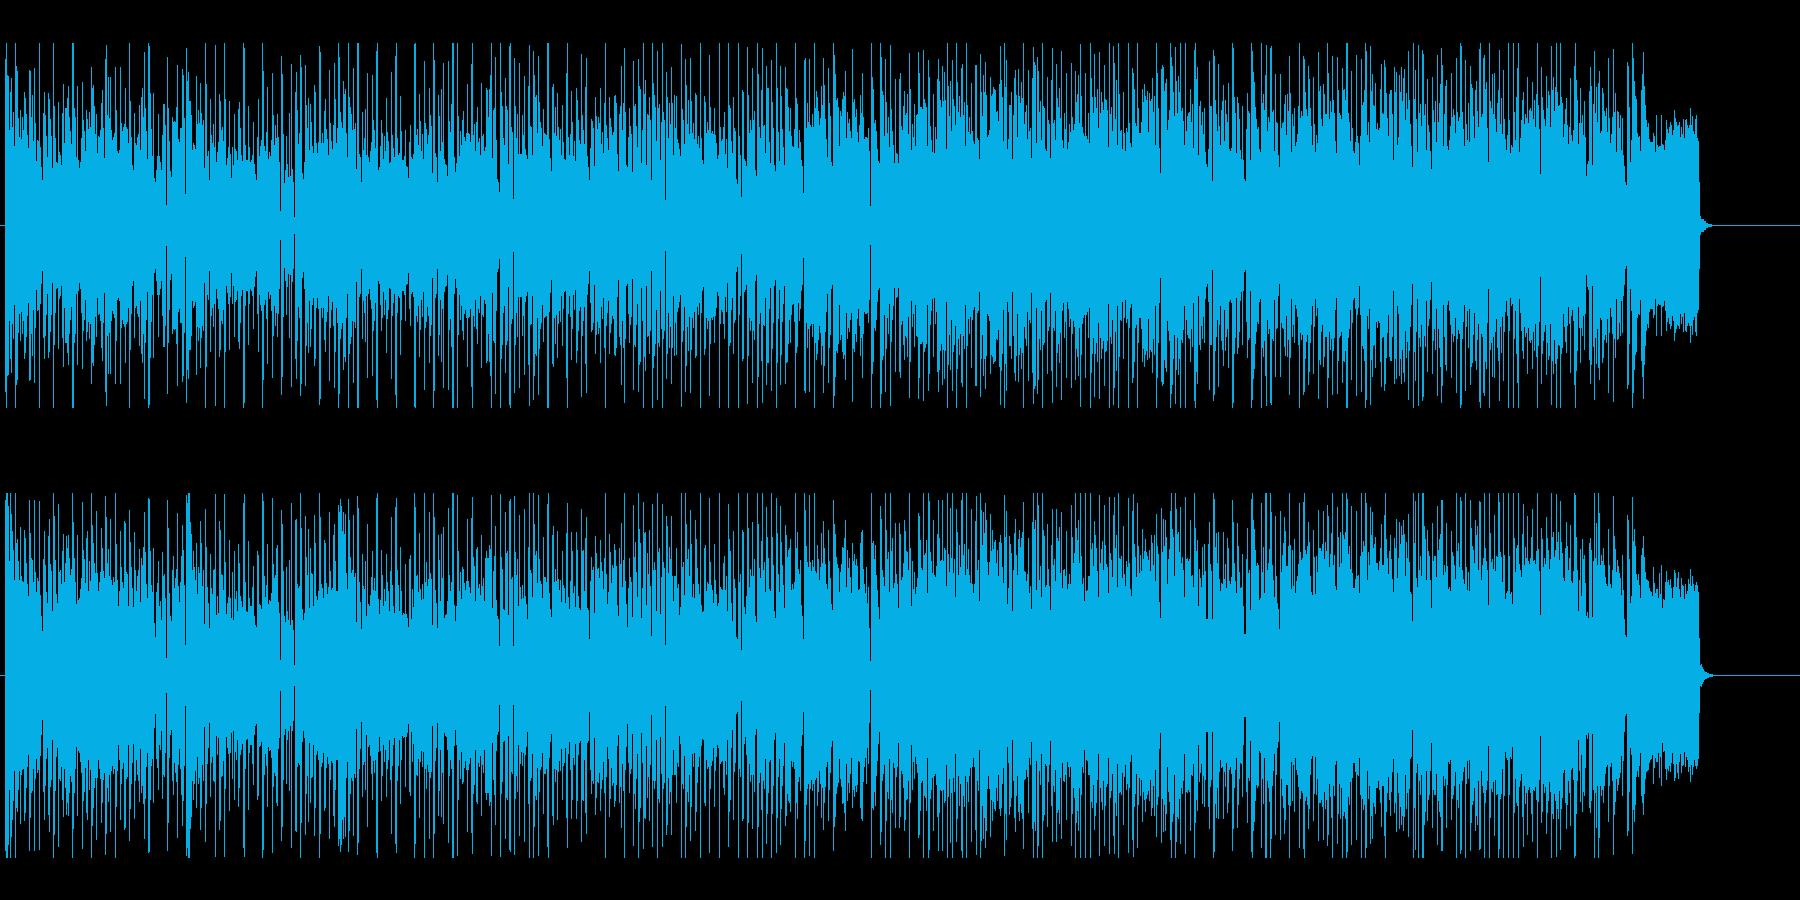 可愛くてうきうきする日常系ポップスの再生済みの波形